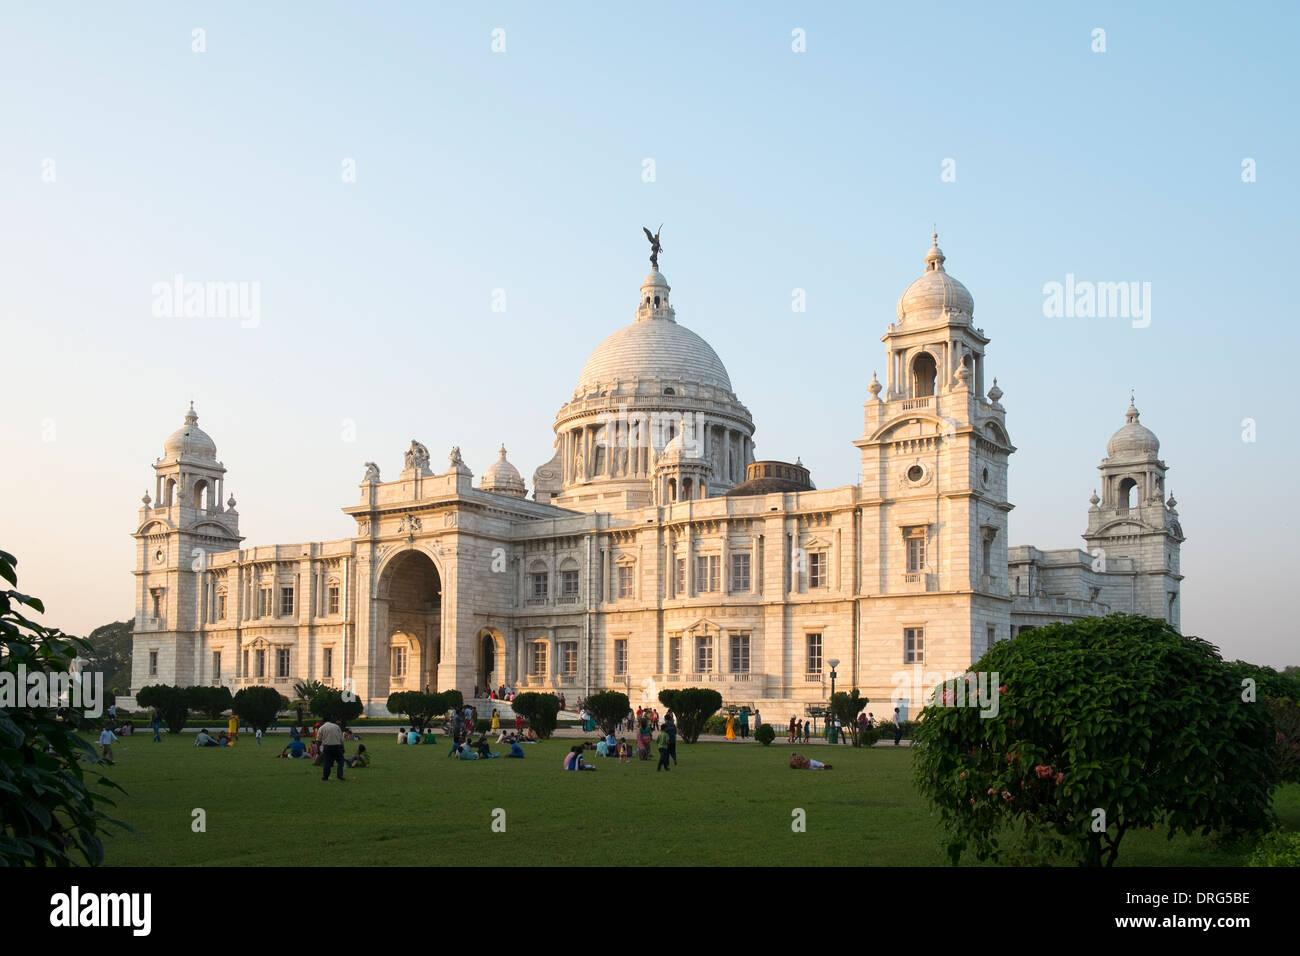 India, West Bengal, Kolkata, Victoria Memorial - Stock Image